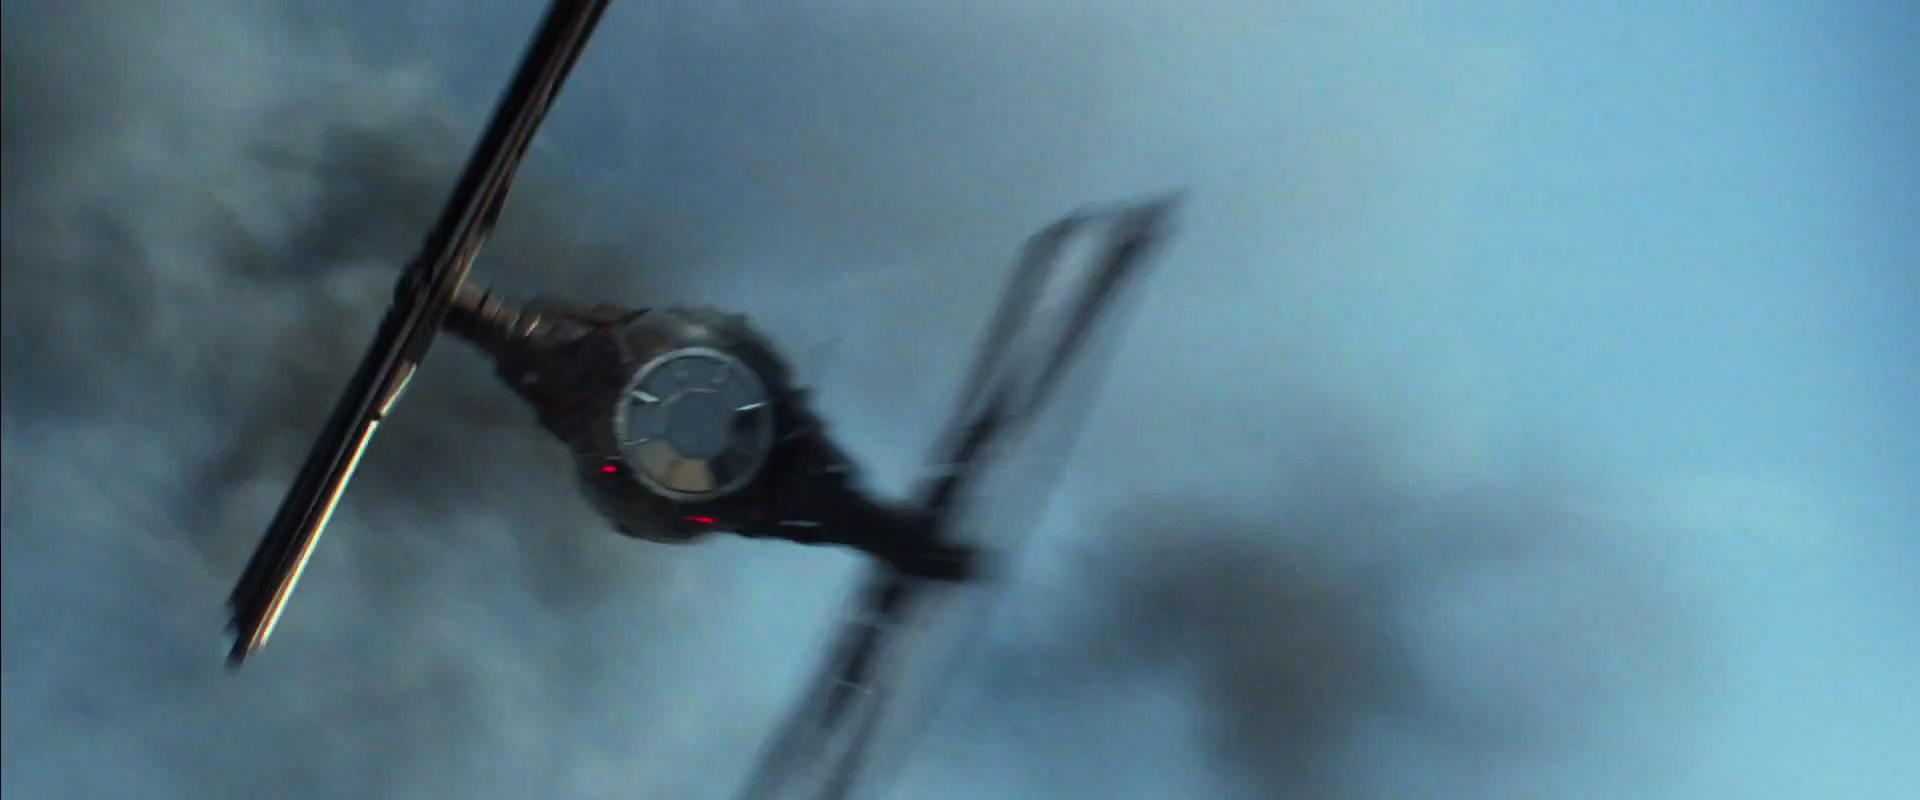 Star Wars  The Force Awakens Official Teaser #2 1811.jpg